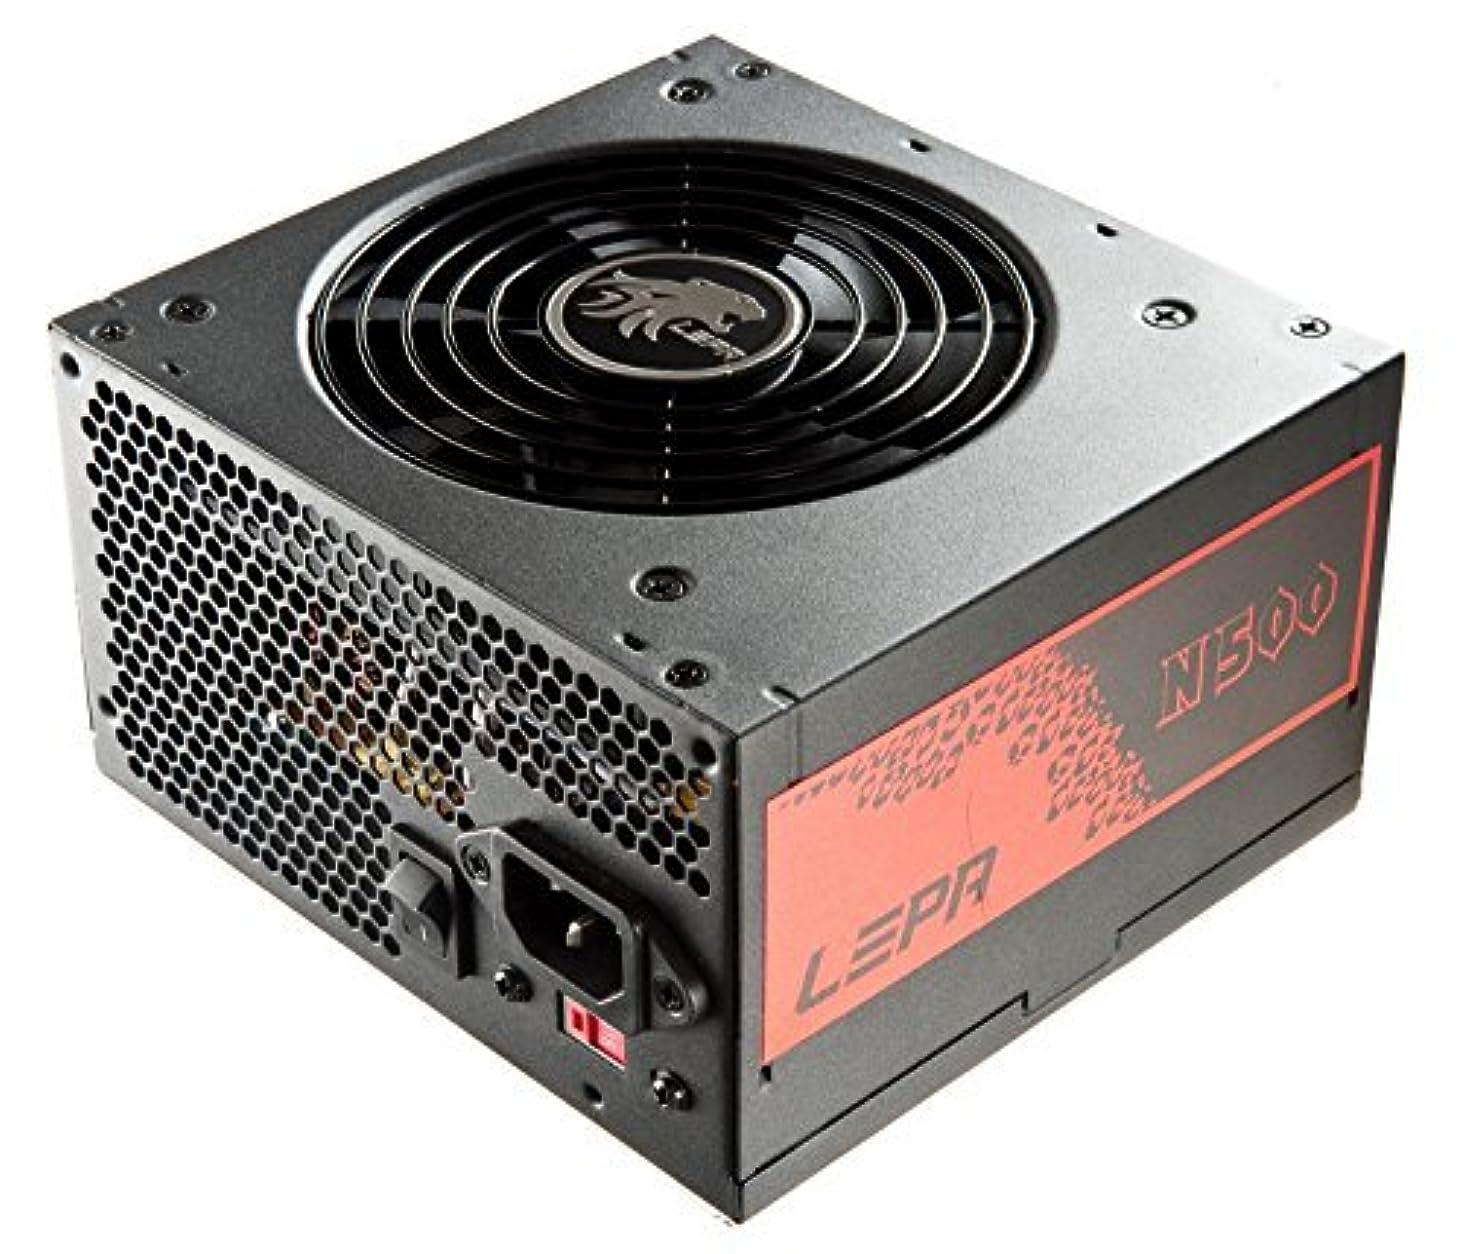 不透明なシェルター速度LEPA N Series 500W ATX12V Power Supply N500-SA [並行輸入品]